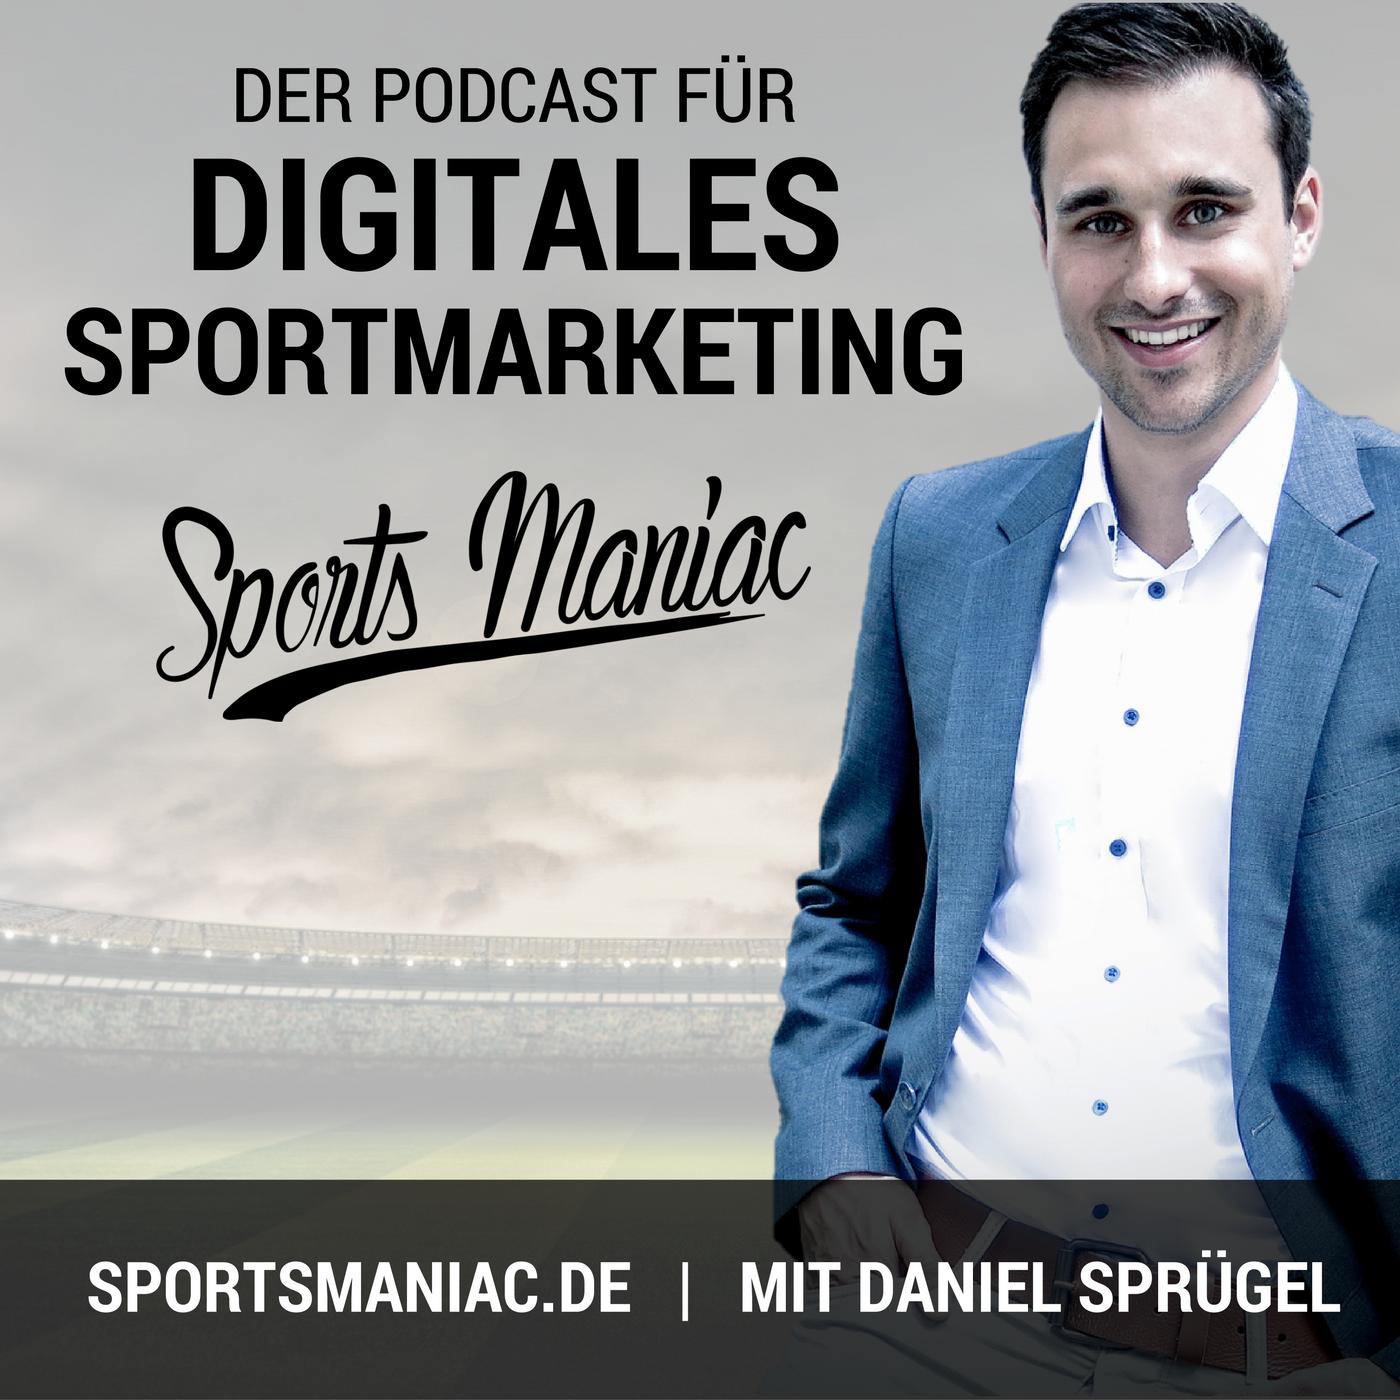 Sports Maniac - der digitale Sportmarketing Podcast mit Daniel Sprügel